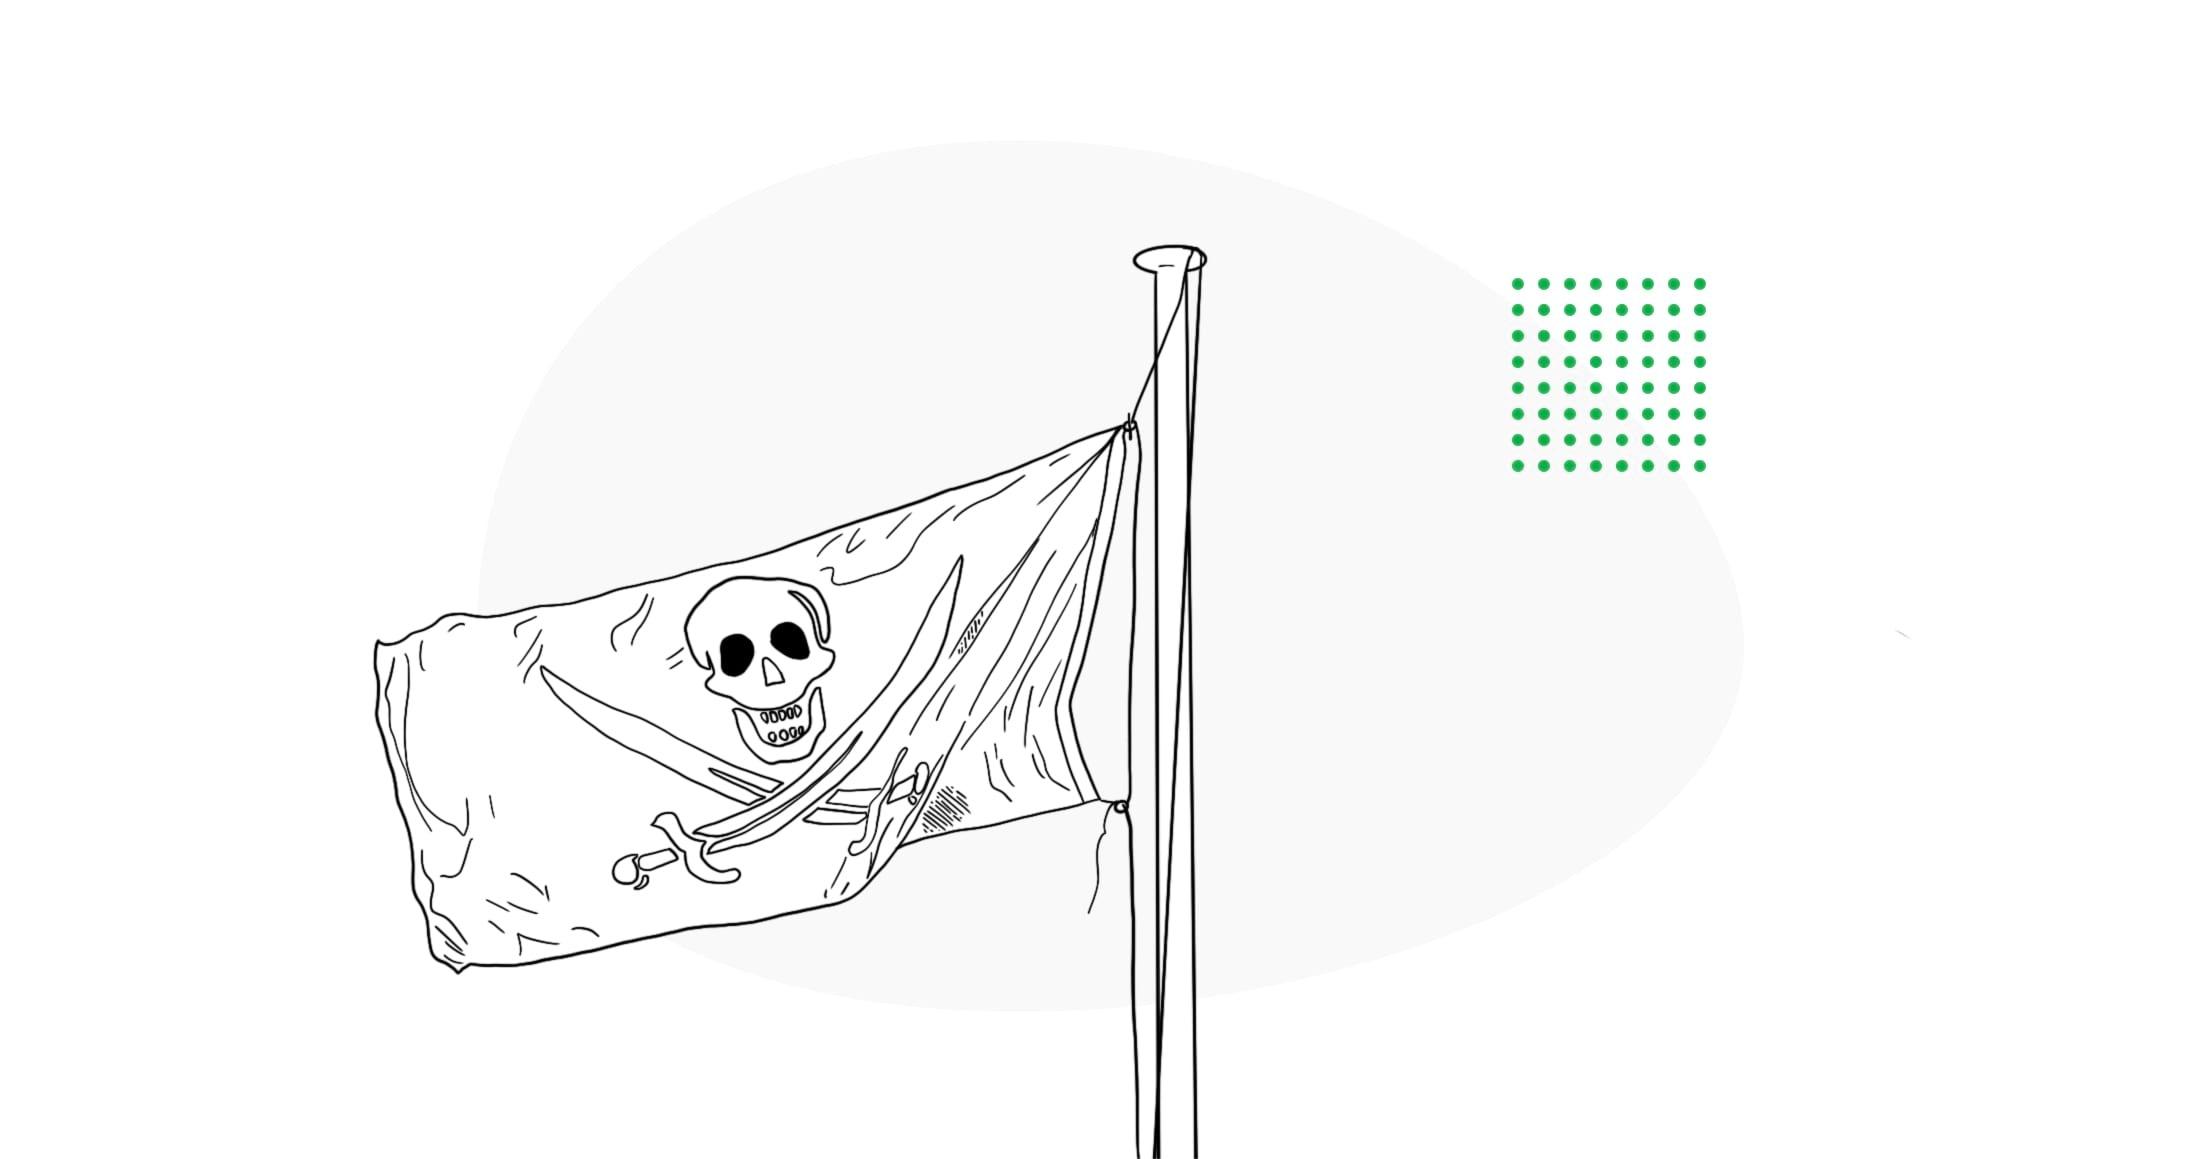 De gevaarlijkste beurs ter wereld: the Pirate Stock Exchange